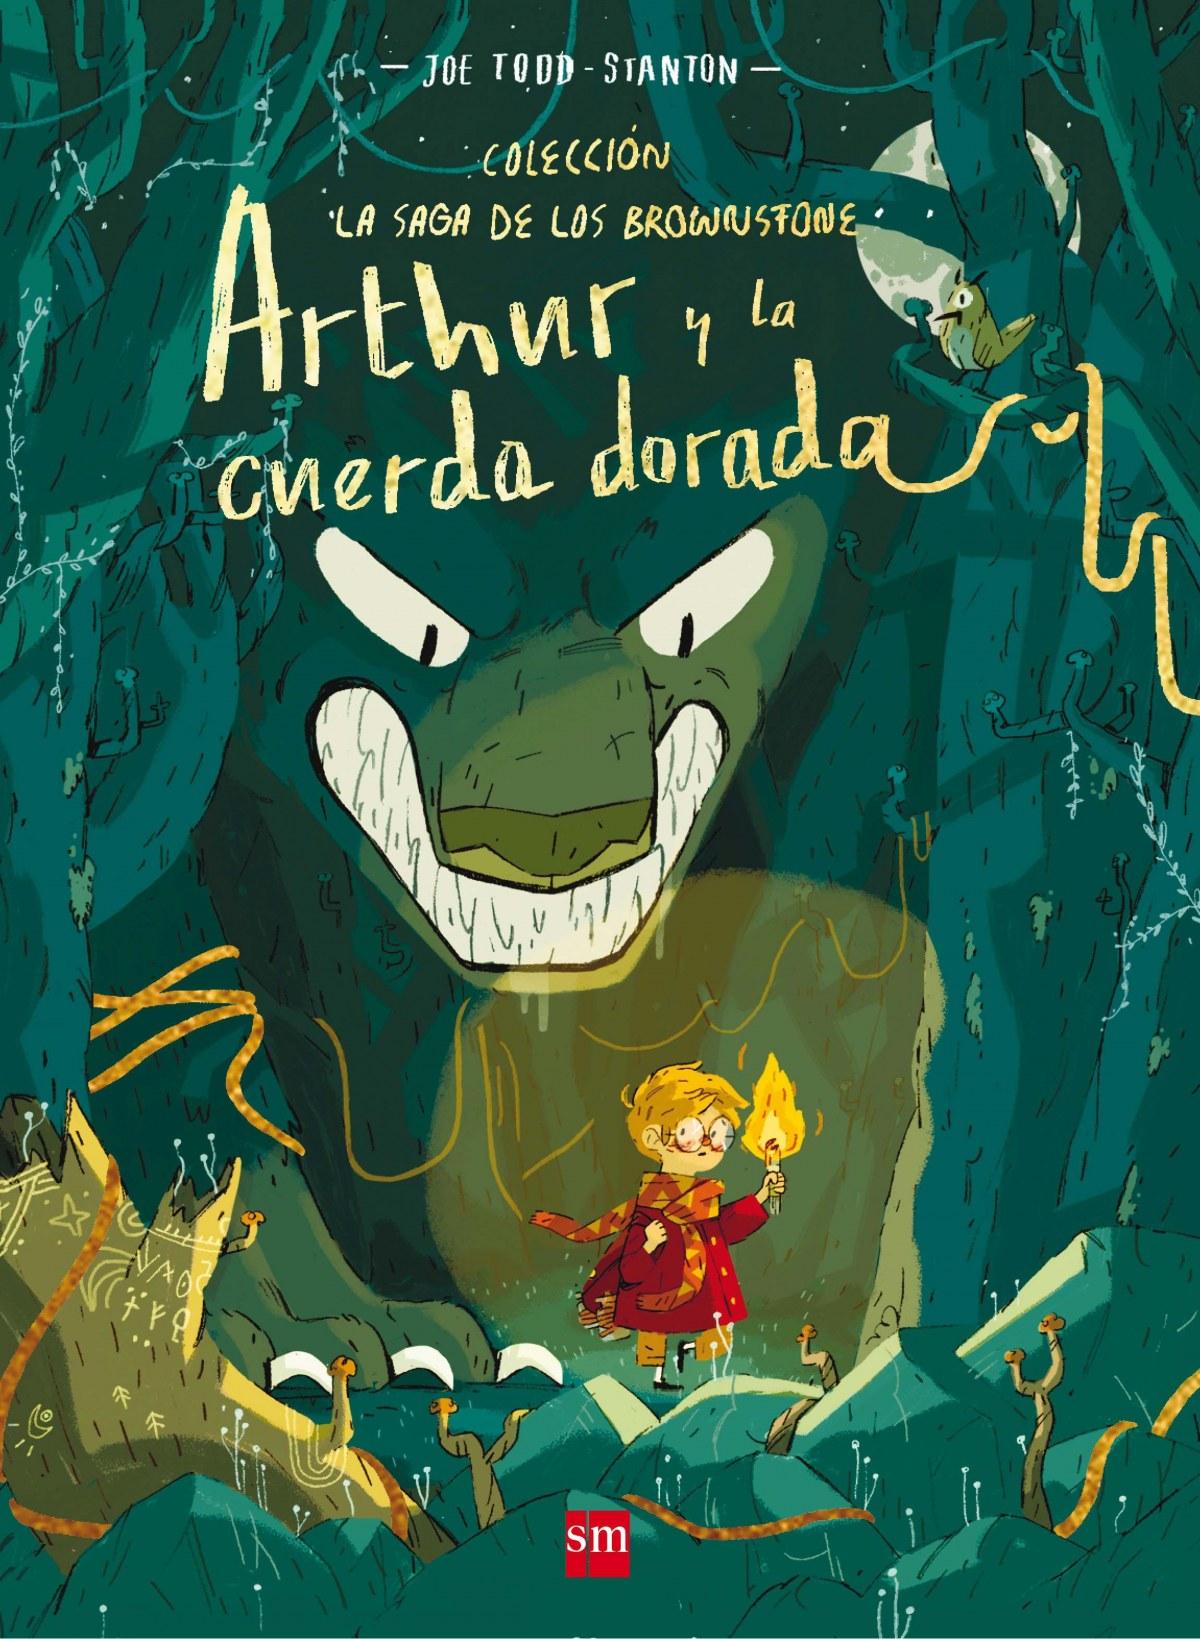 ARTHUR Y LA CUERDA DORADA 9788491072935